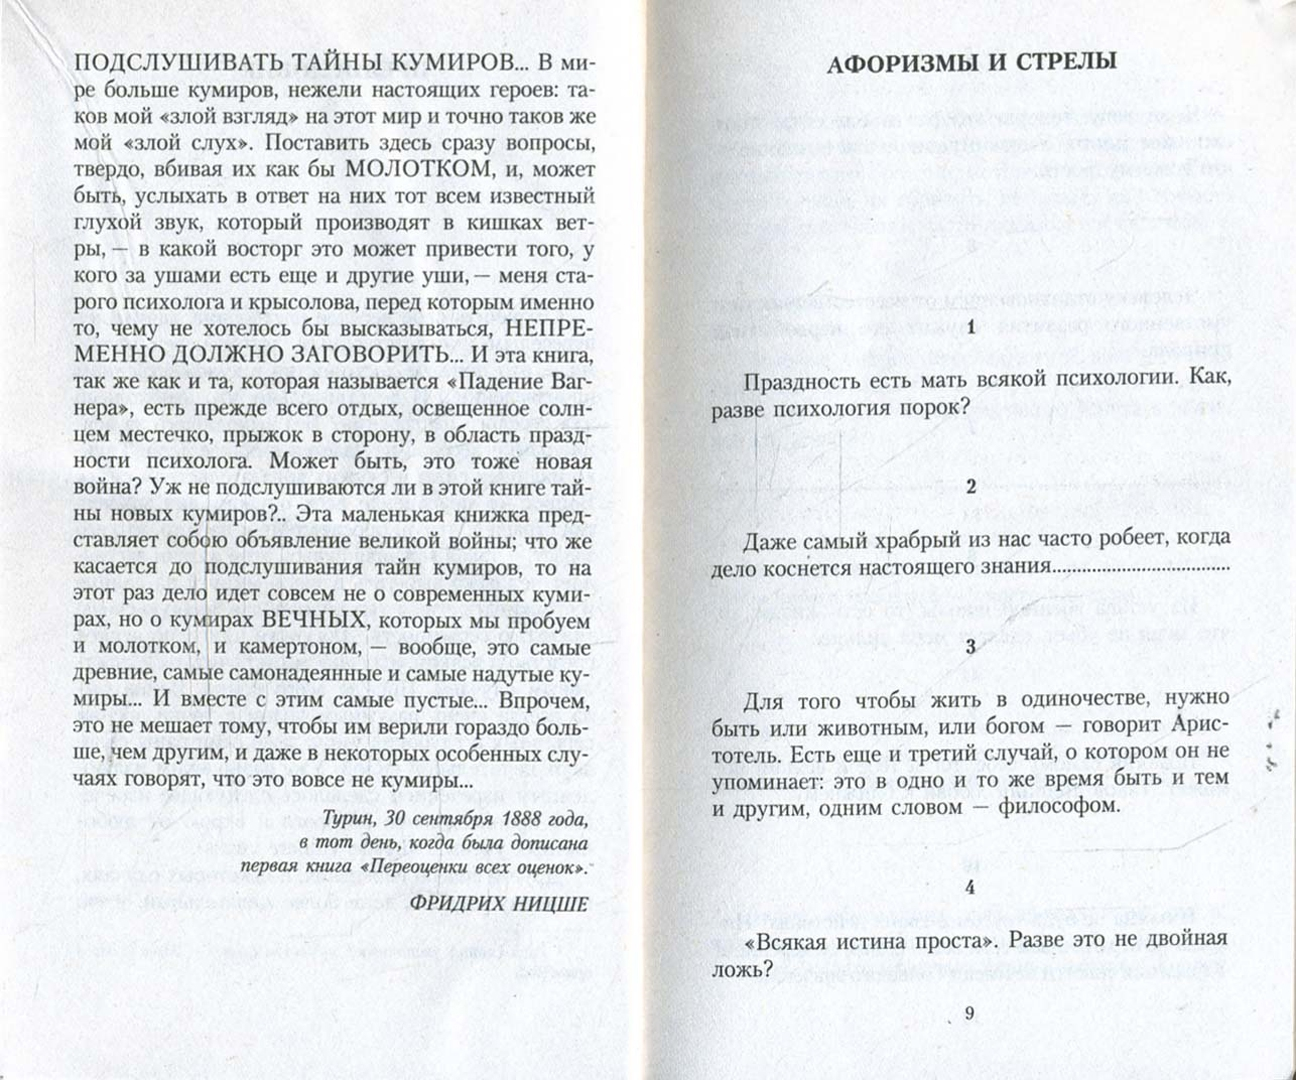 Иллюстрация 1 из 5 для Падение кумиров : Сборник - Фридрих Ницше | Лабиринт - книги. Источник: Лабиринт